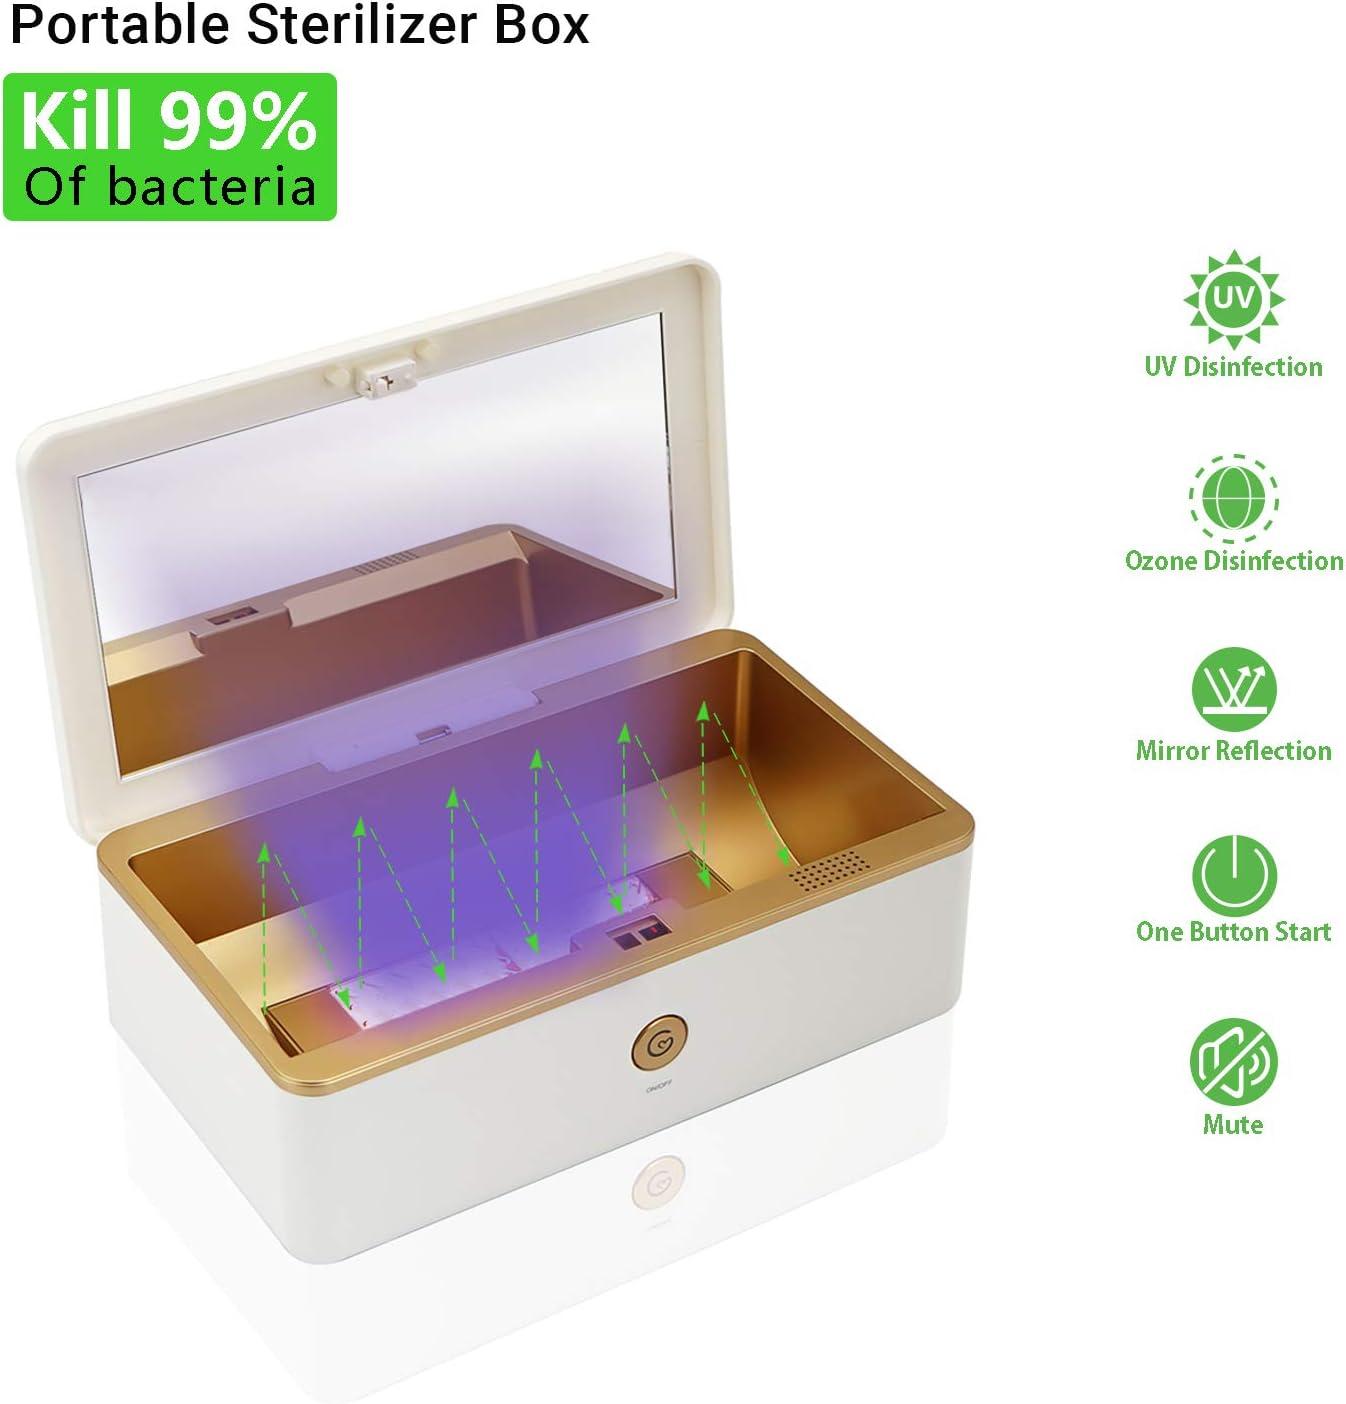 Caja sterilizer UV desinfección para reutilizar mascarillas de ozono, espejo de reflexión, botón de encendido y silencioso